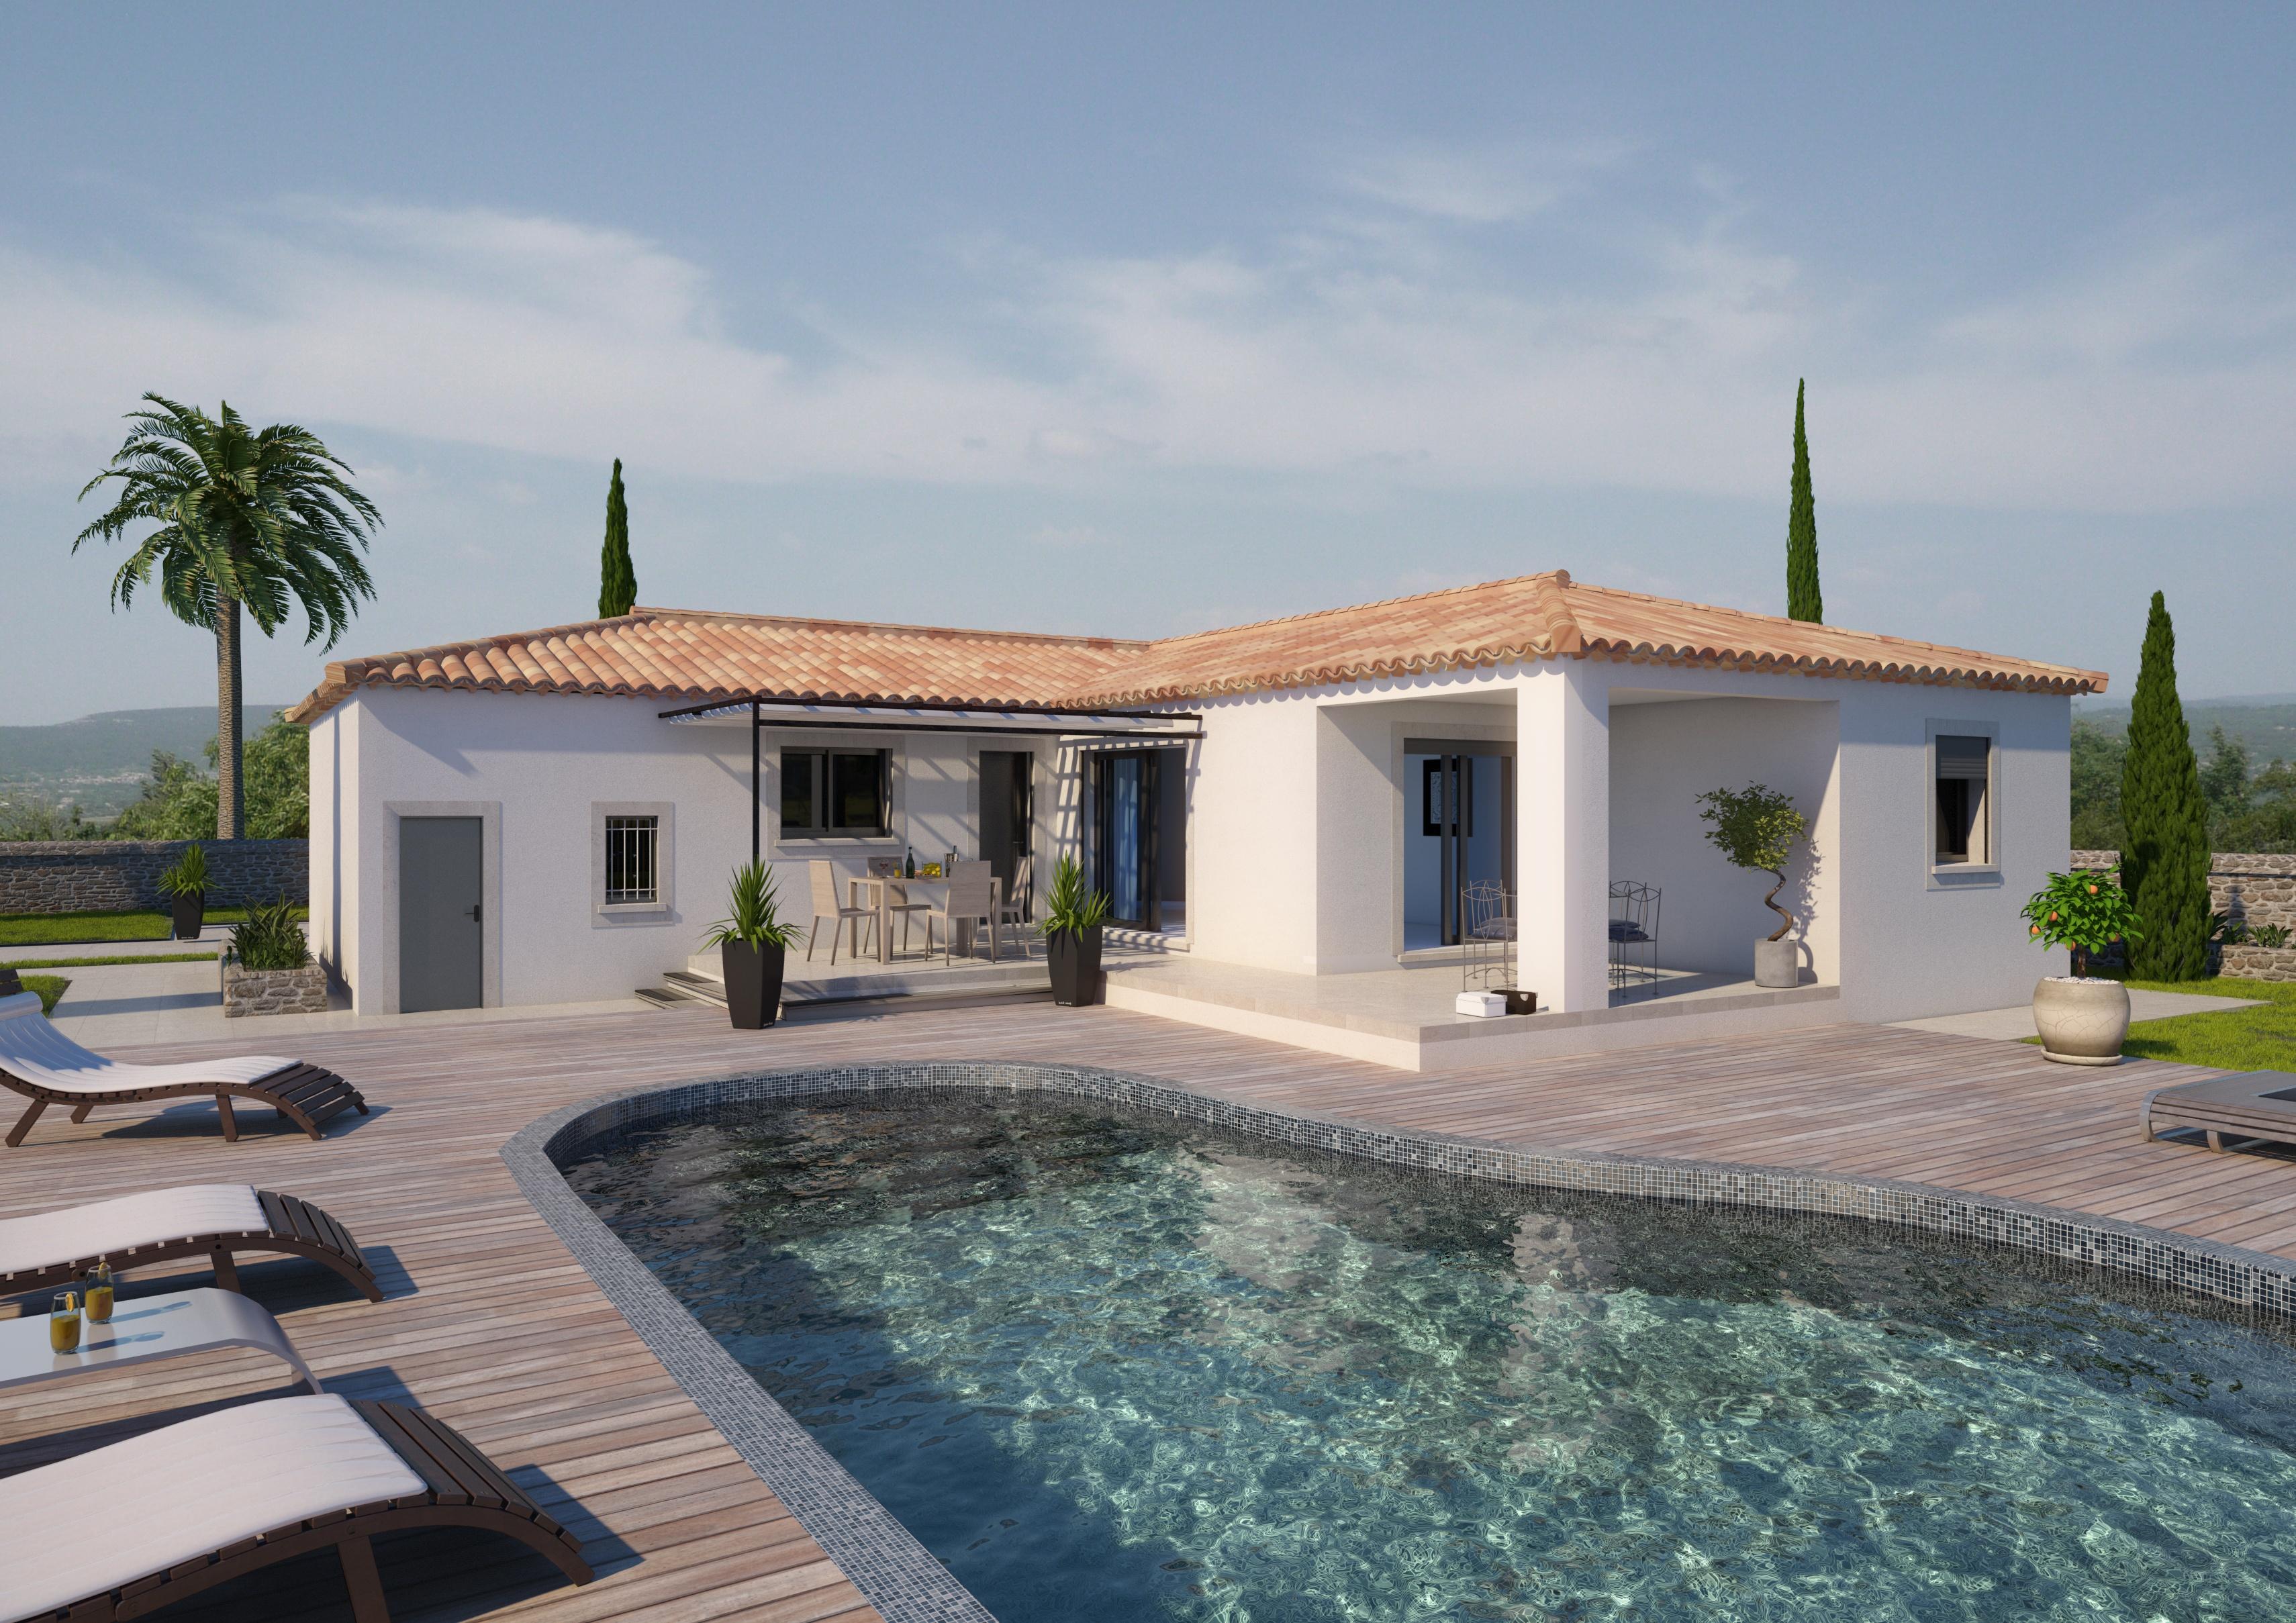 Maisons + Terrains du constructeur ART ET TRADITION MEDITERRANEE • 118 m² • LE THOR